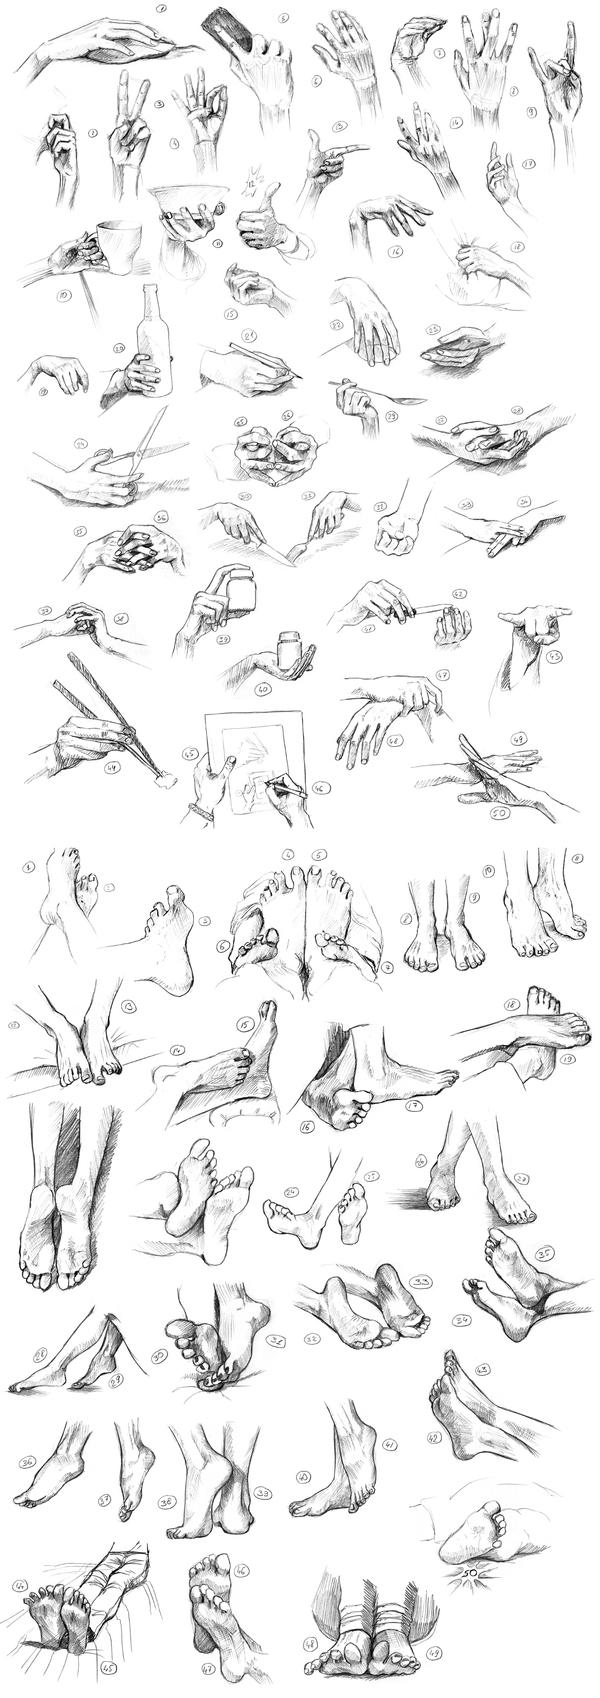 Способ научиться рисовать кисти и ступни. Руки, Ноги, Графика, Скетч, Набросок, Карандаш, Рисунок, Длиннопост